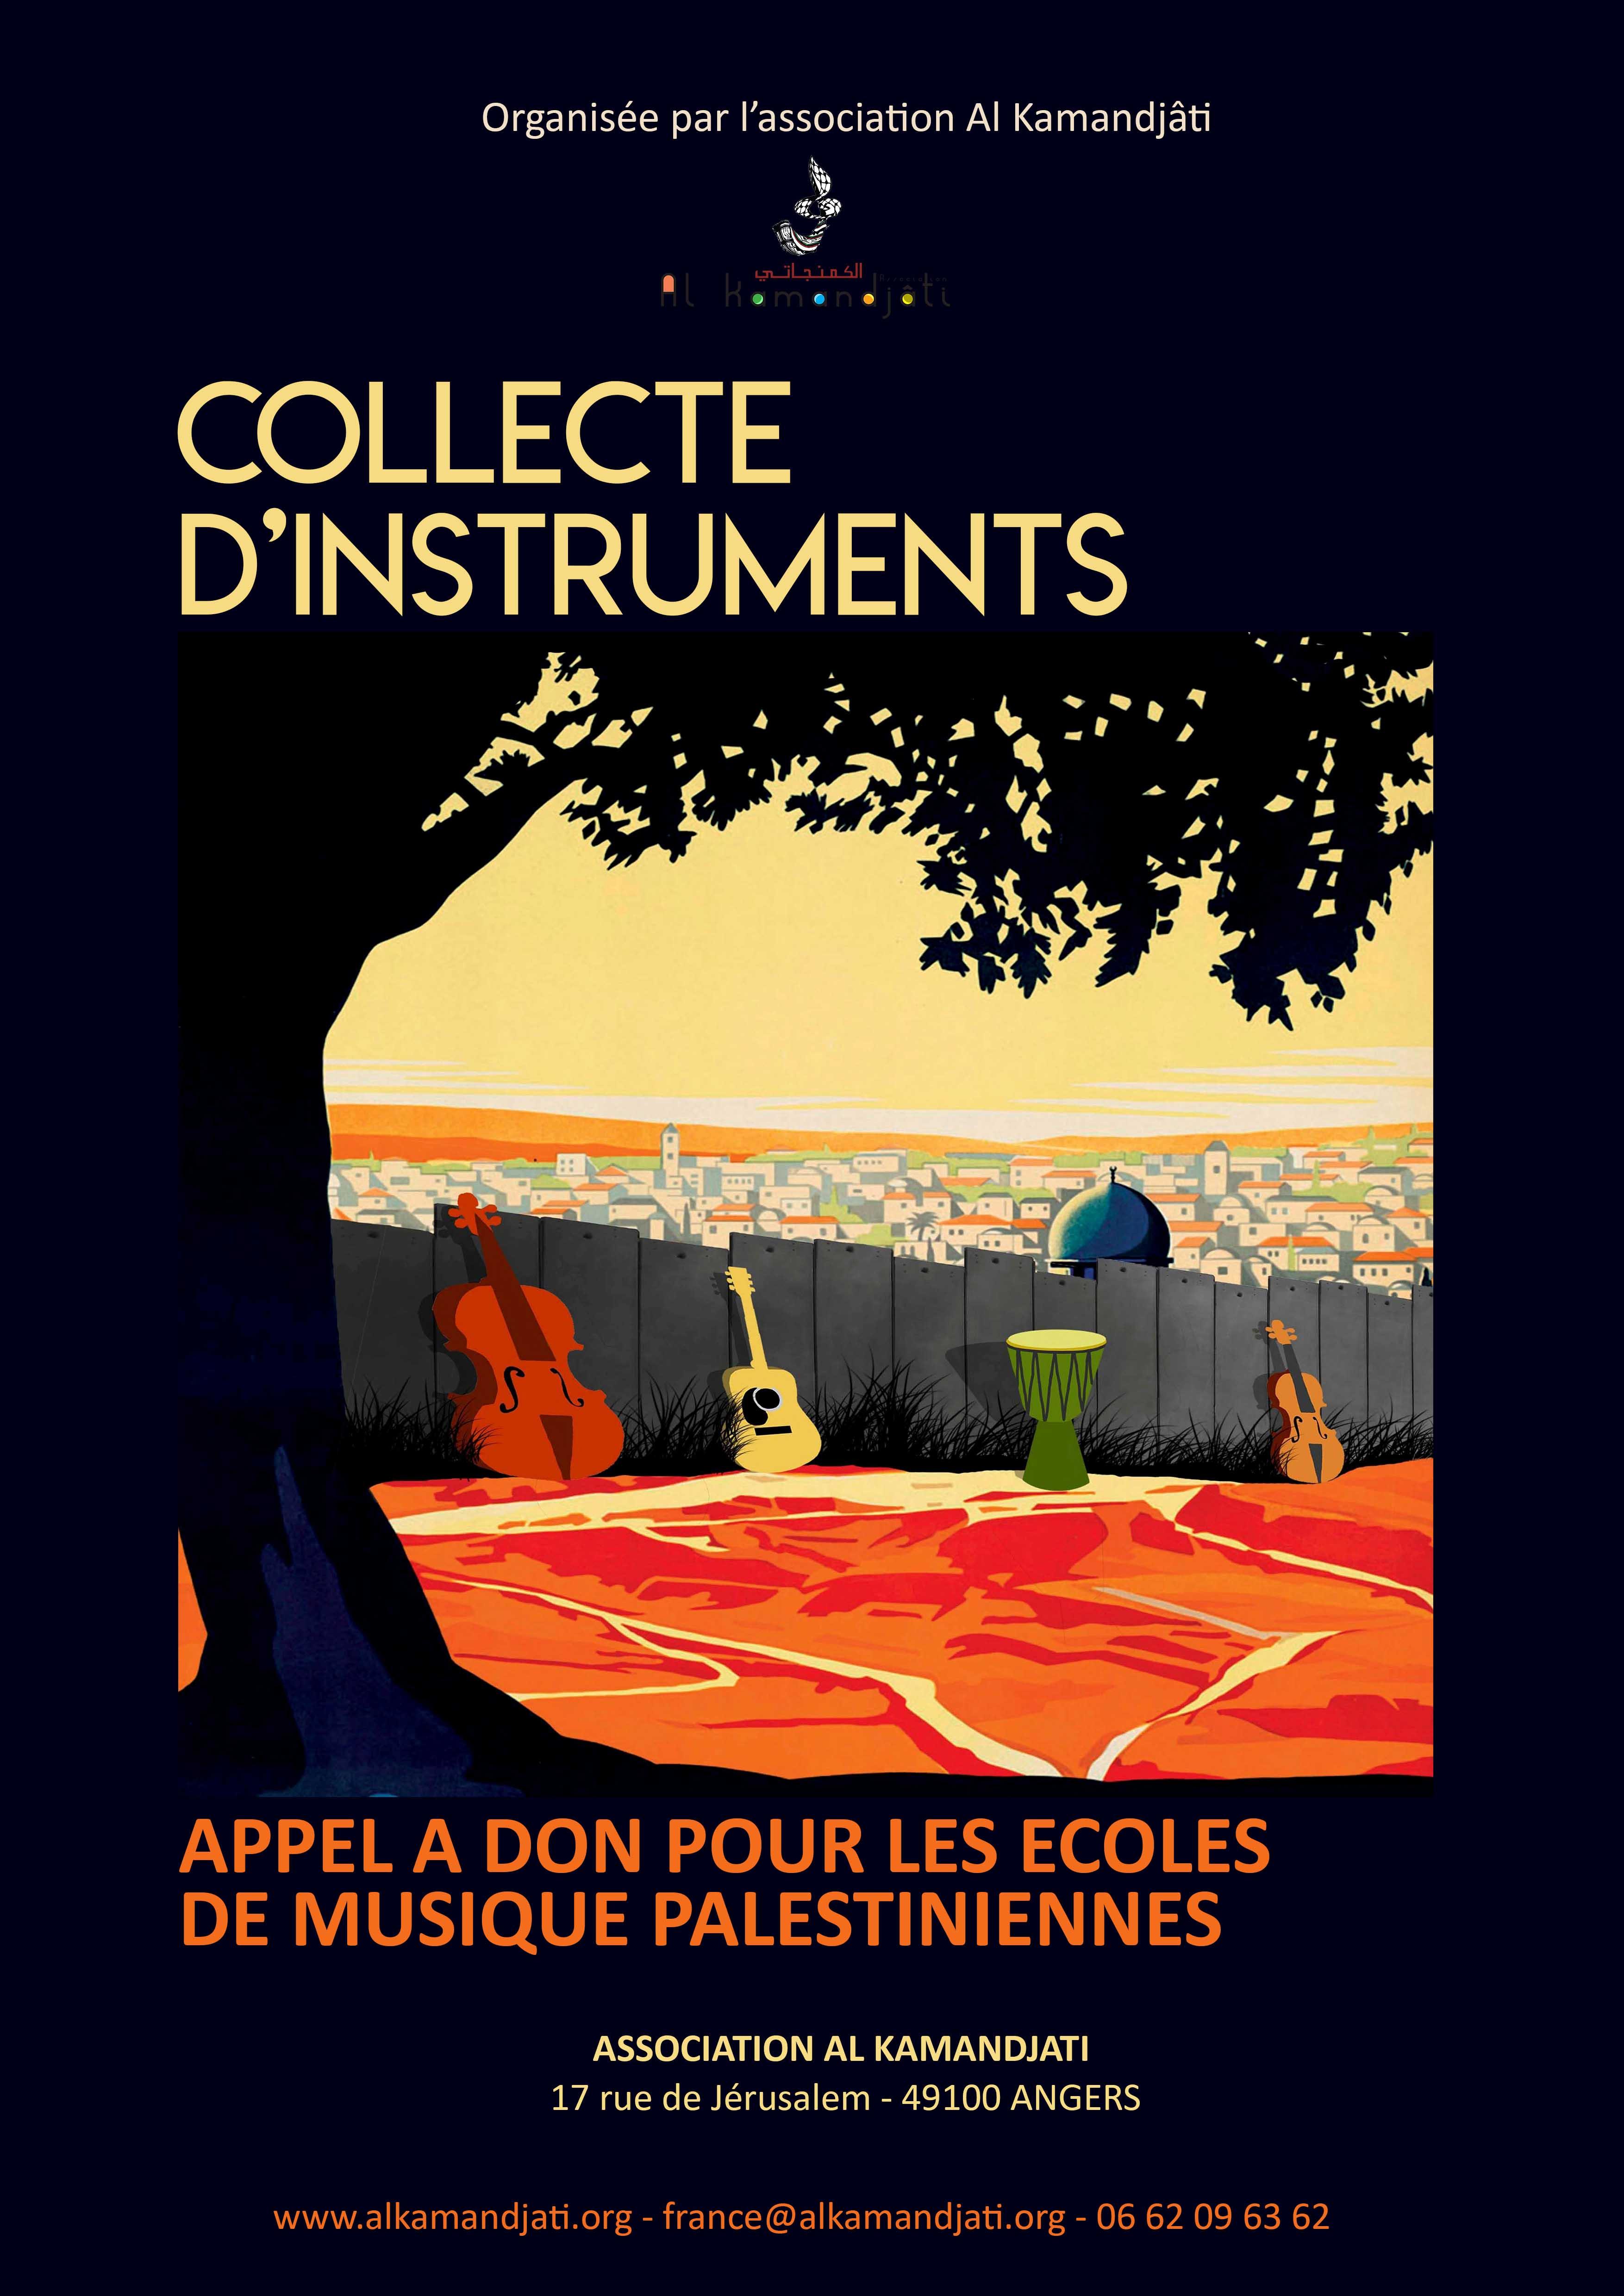 AK 2019 Affiche collecte d'instruments 2019_leger.jpg